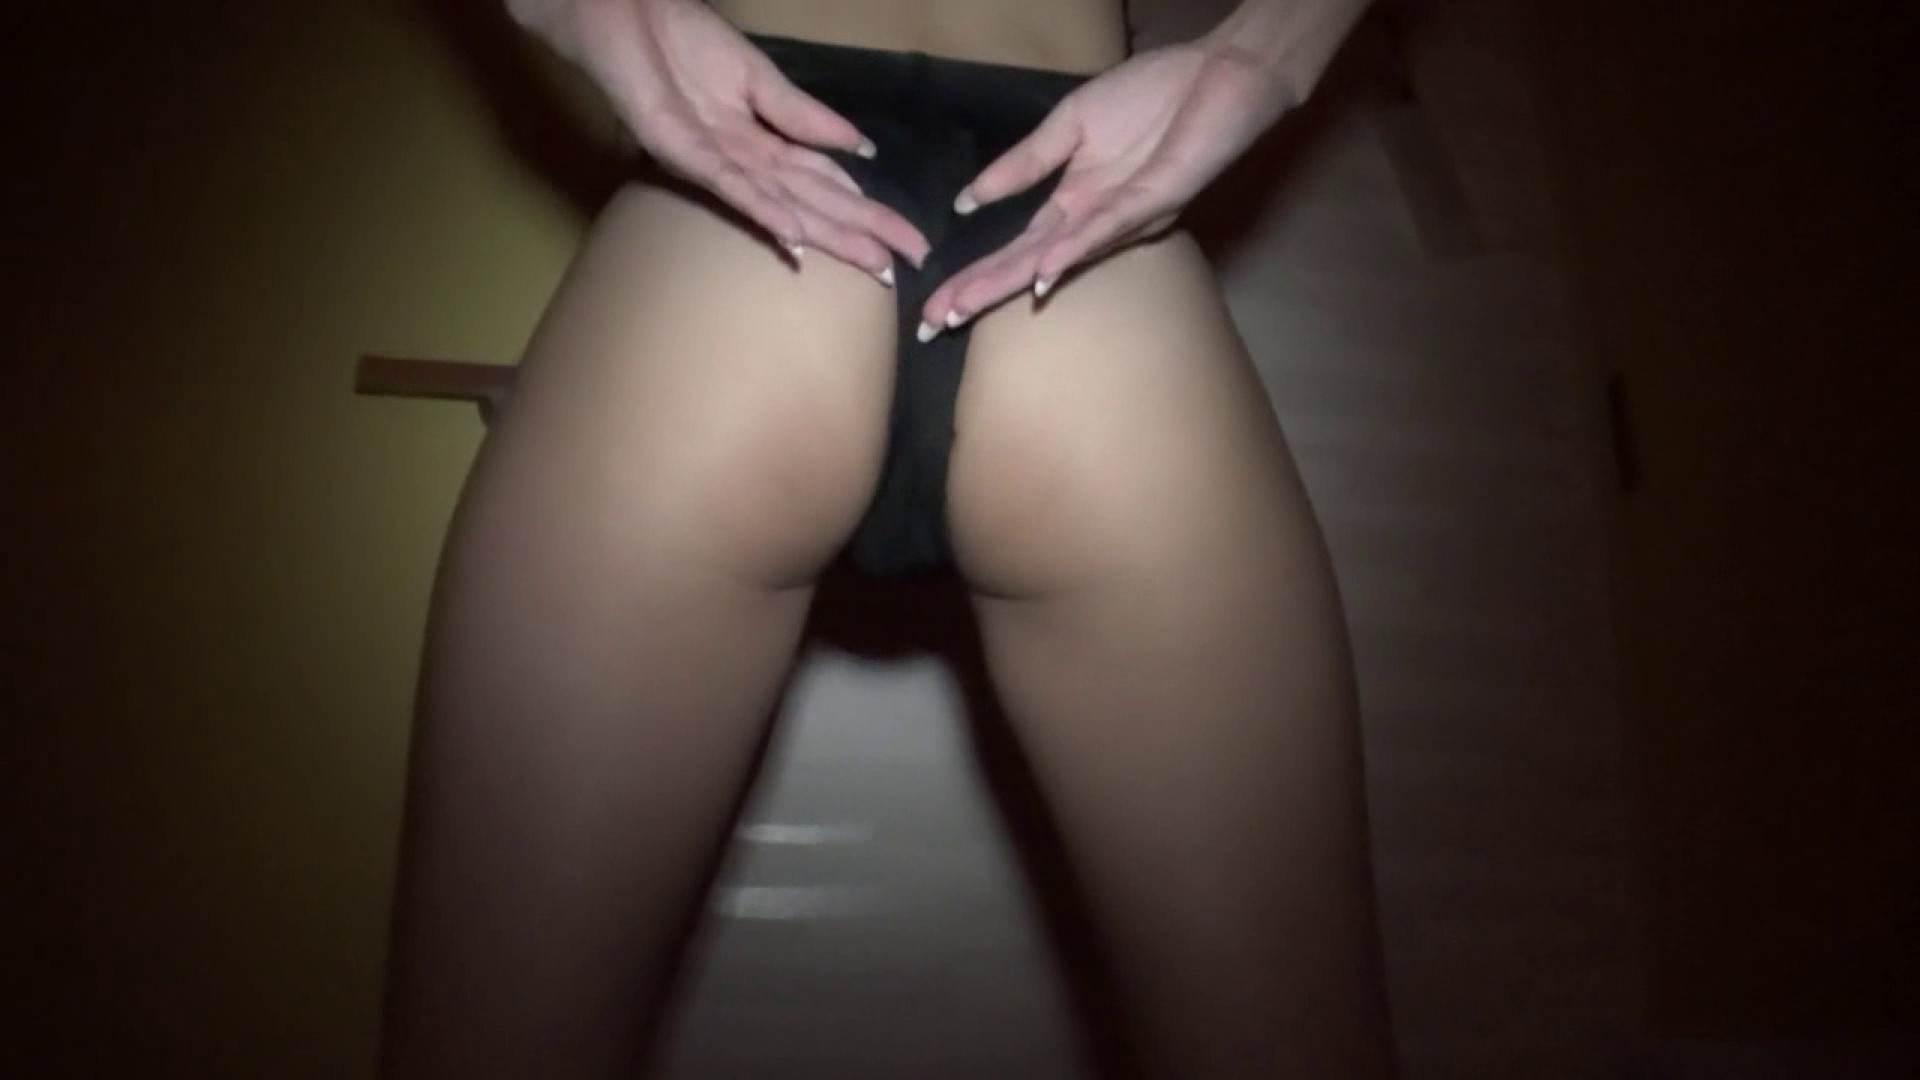 おしえてギャル子のH塾 Vol.18 前編 フェチ ヌード画像 109pic 15